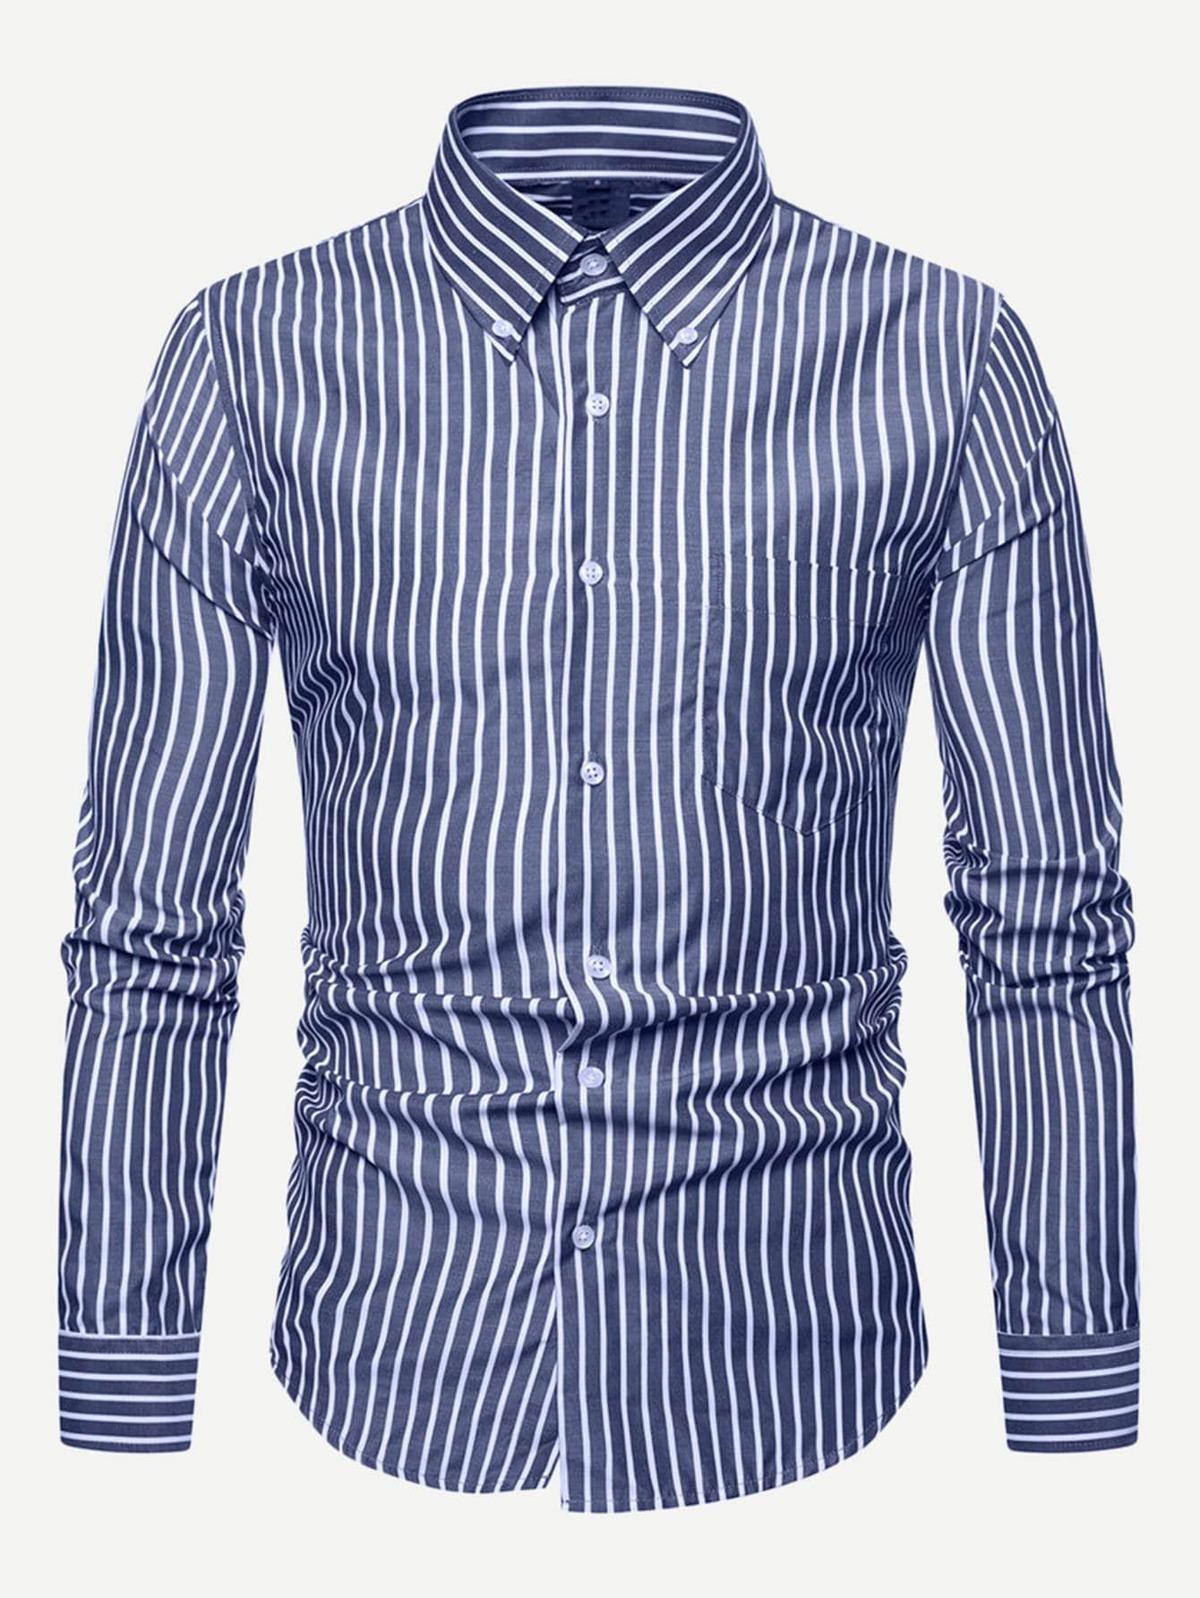 男人 條紋 曲線 下擺 襯衫